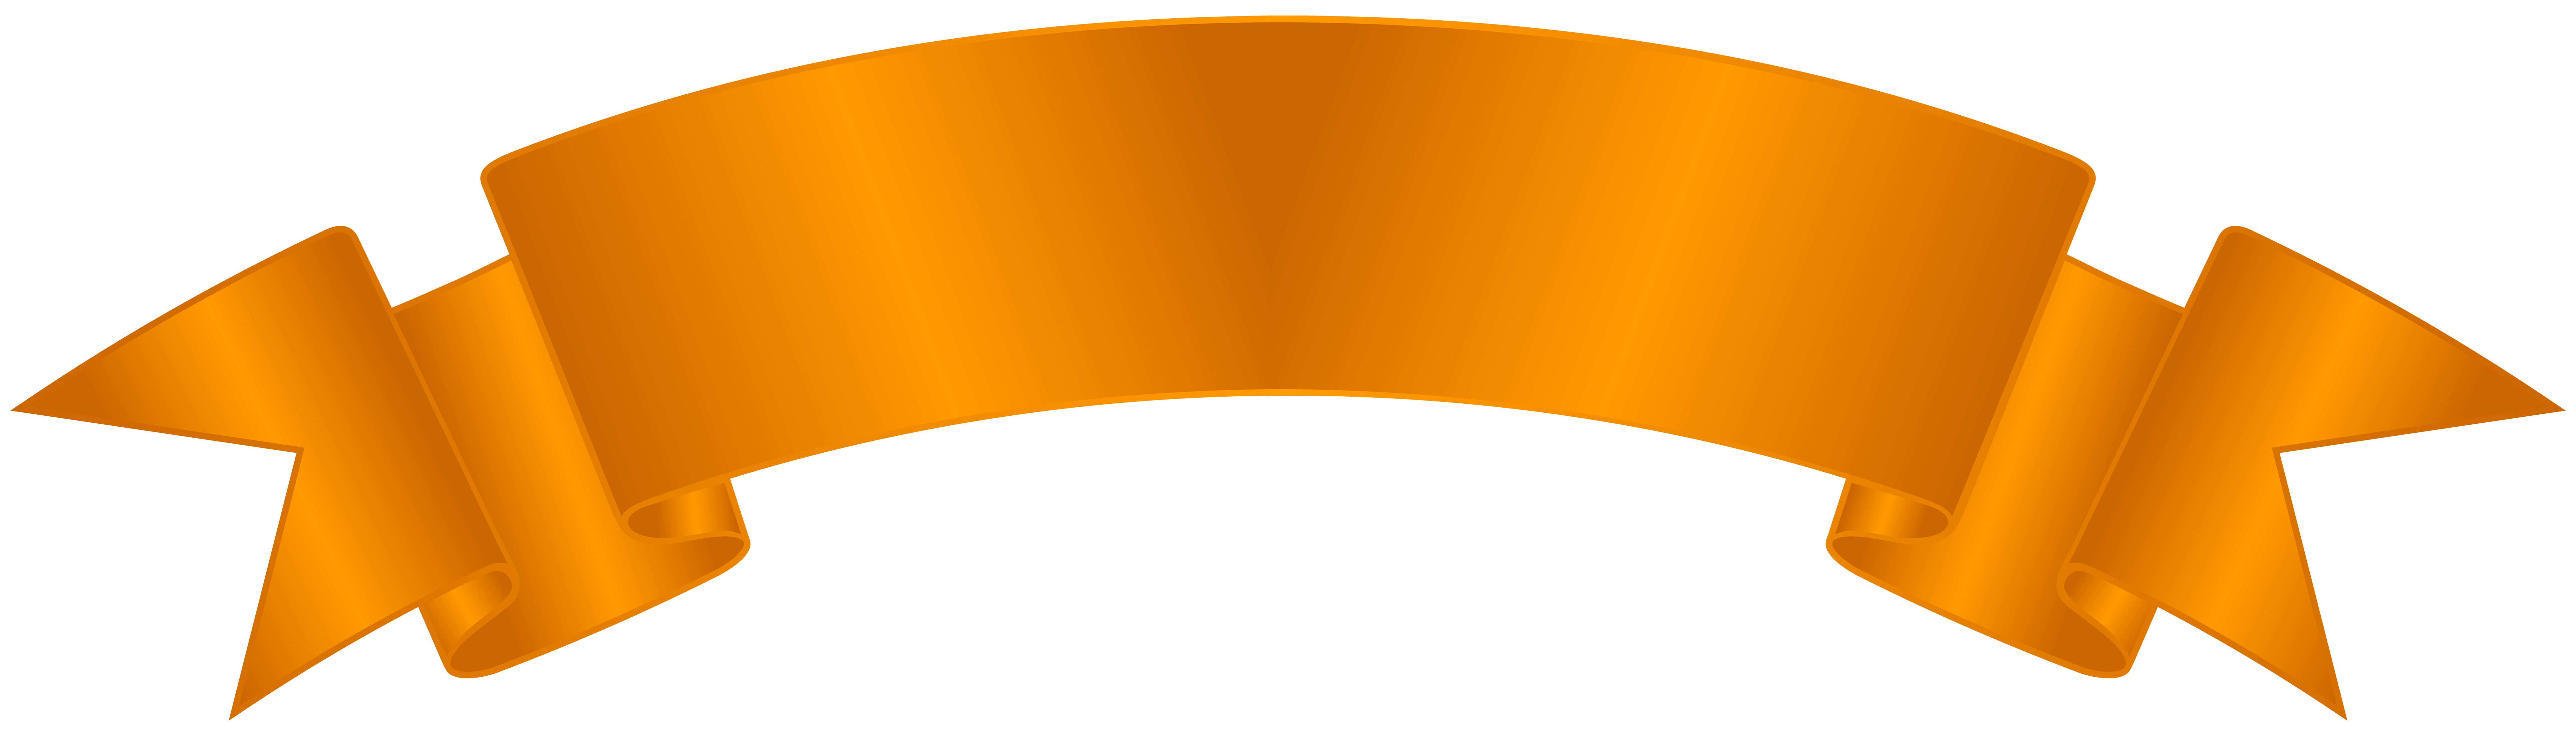 Orange clip art png. Pencil clipart banner